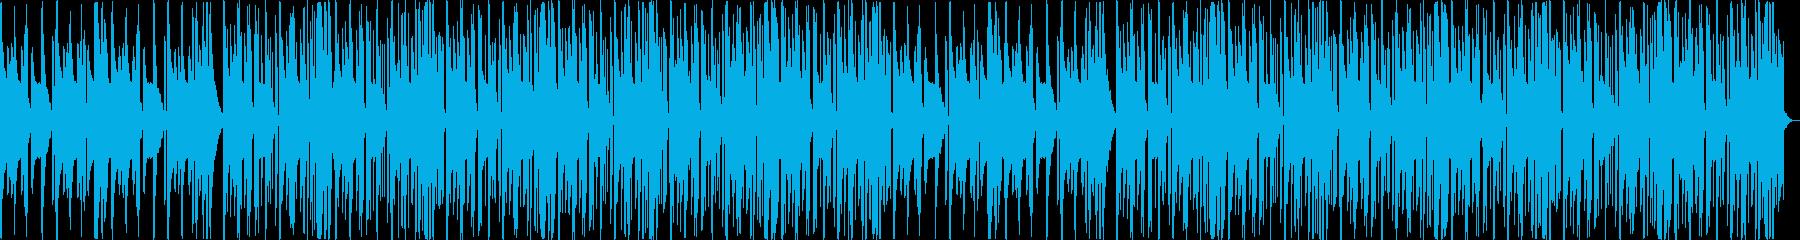 怪しい不気味コミカルなヒップホップaの再生済みの波形